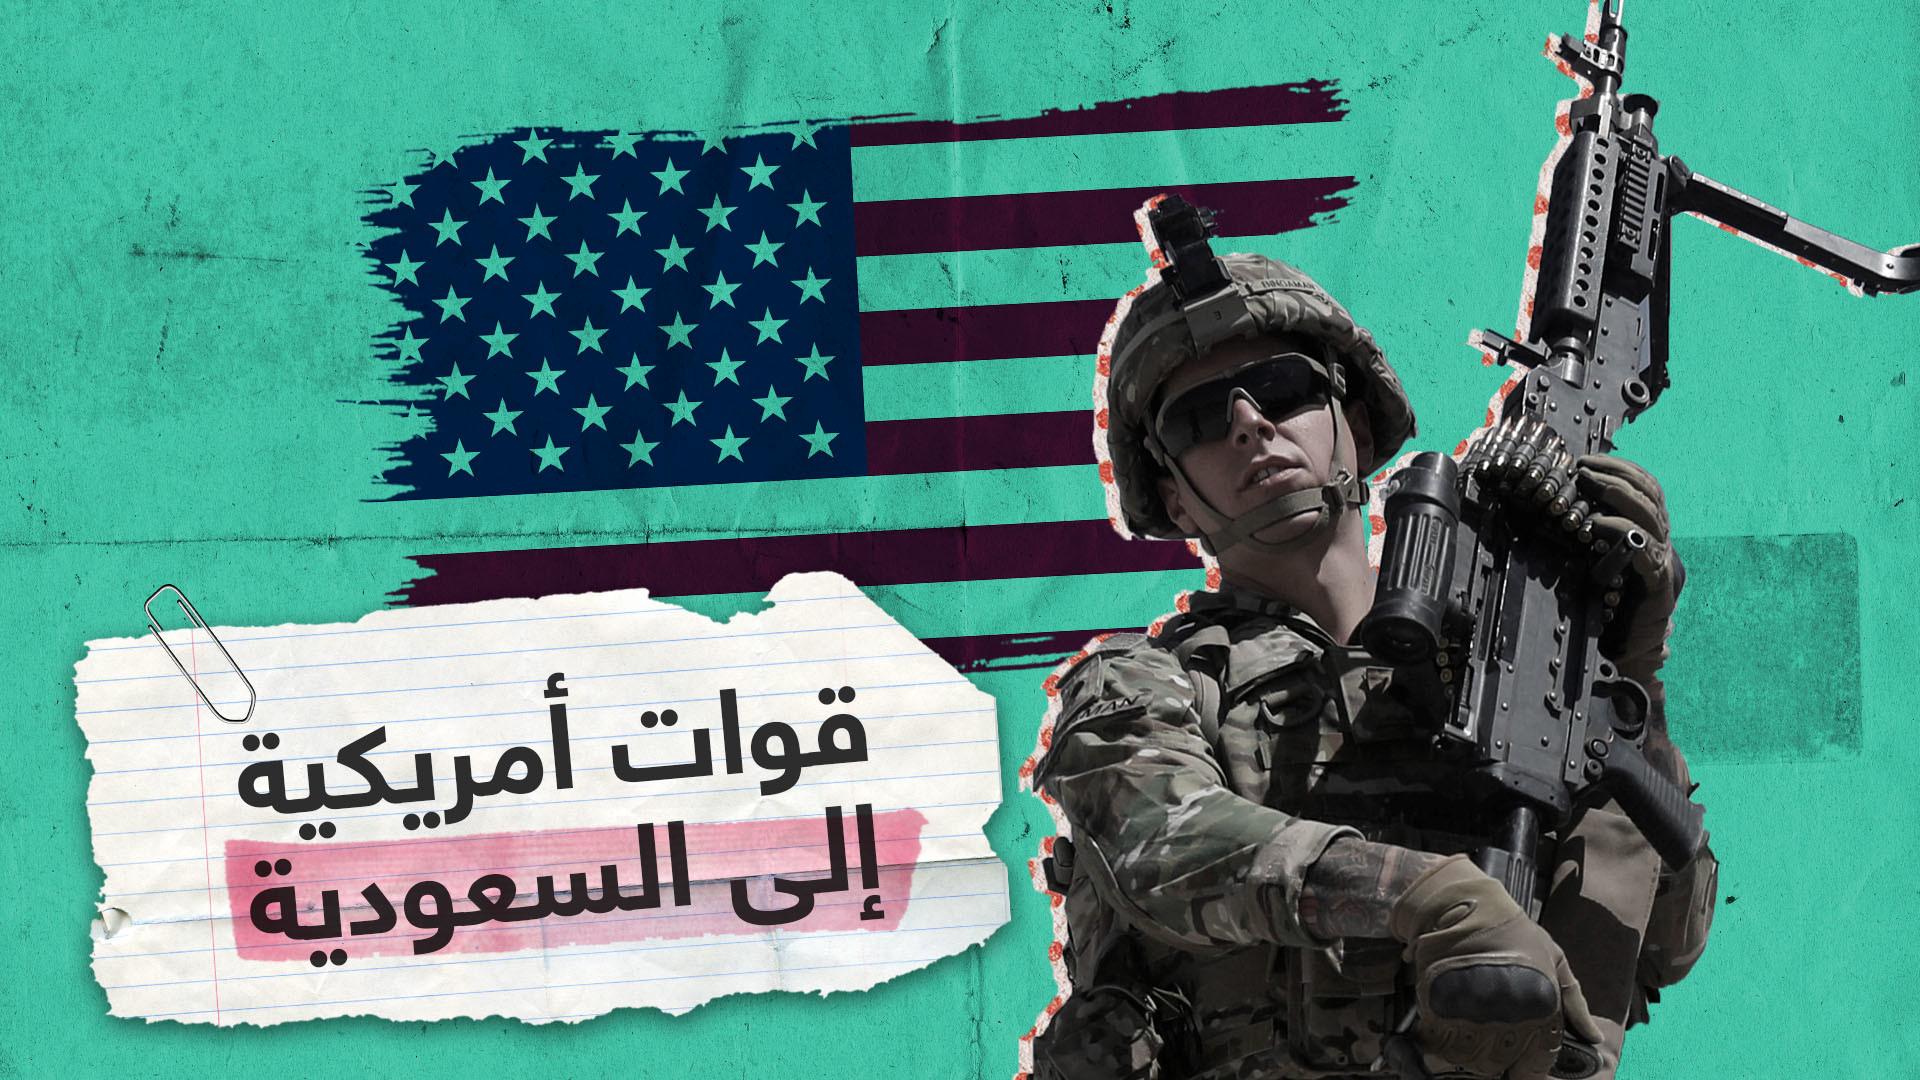 مئات الجنود الأمريكيين في السعودية.. ما الهدف؟